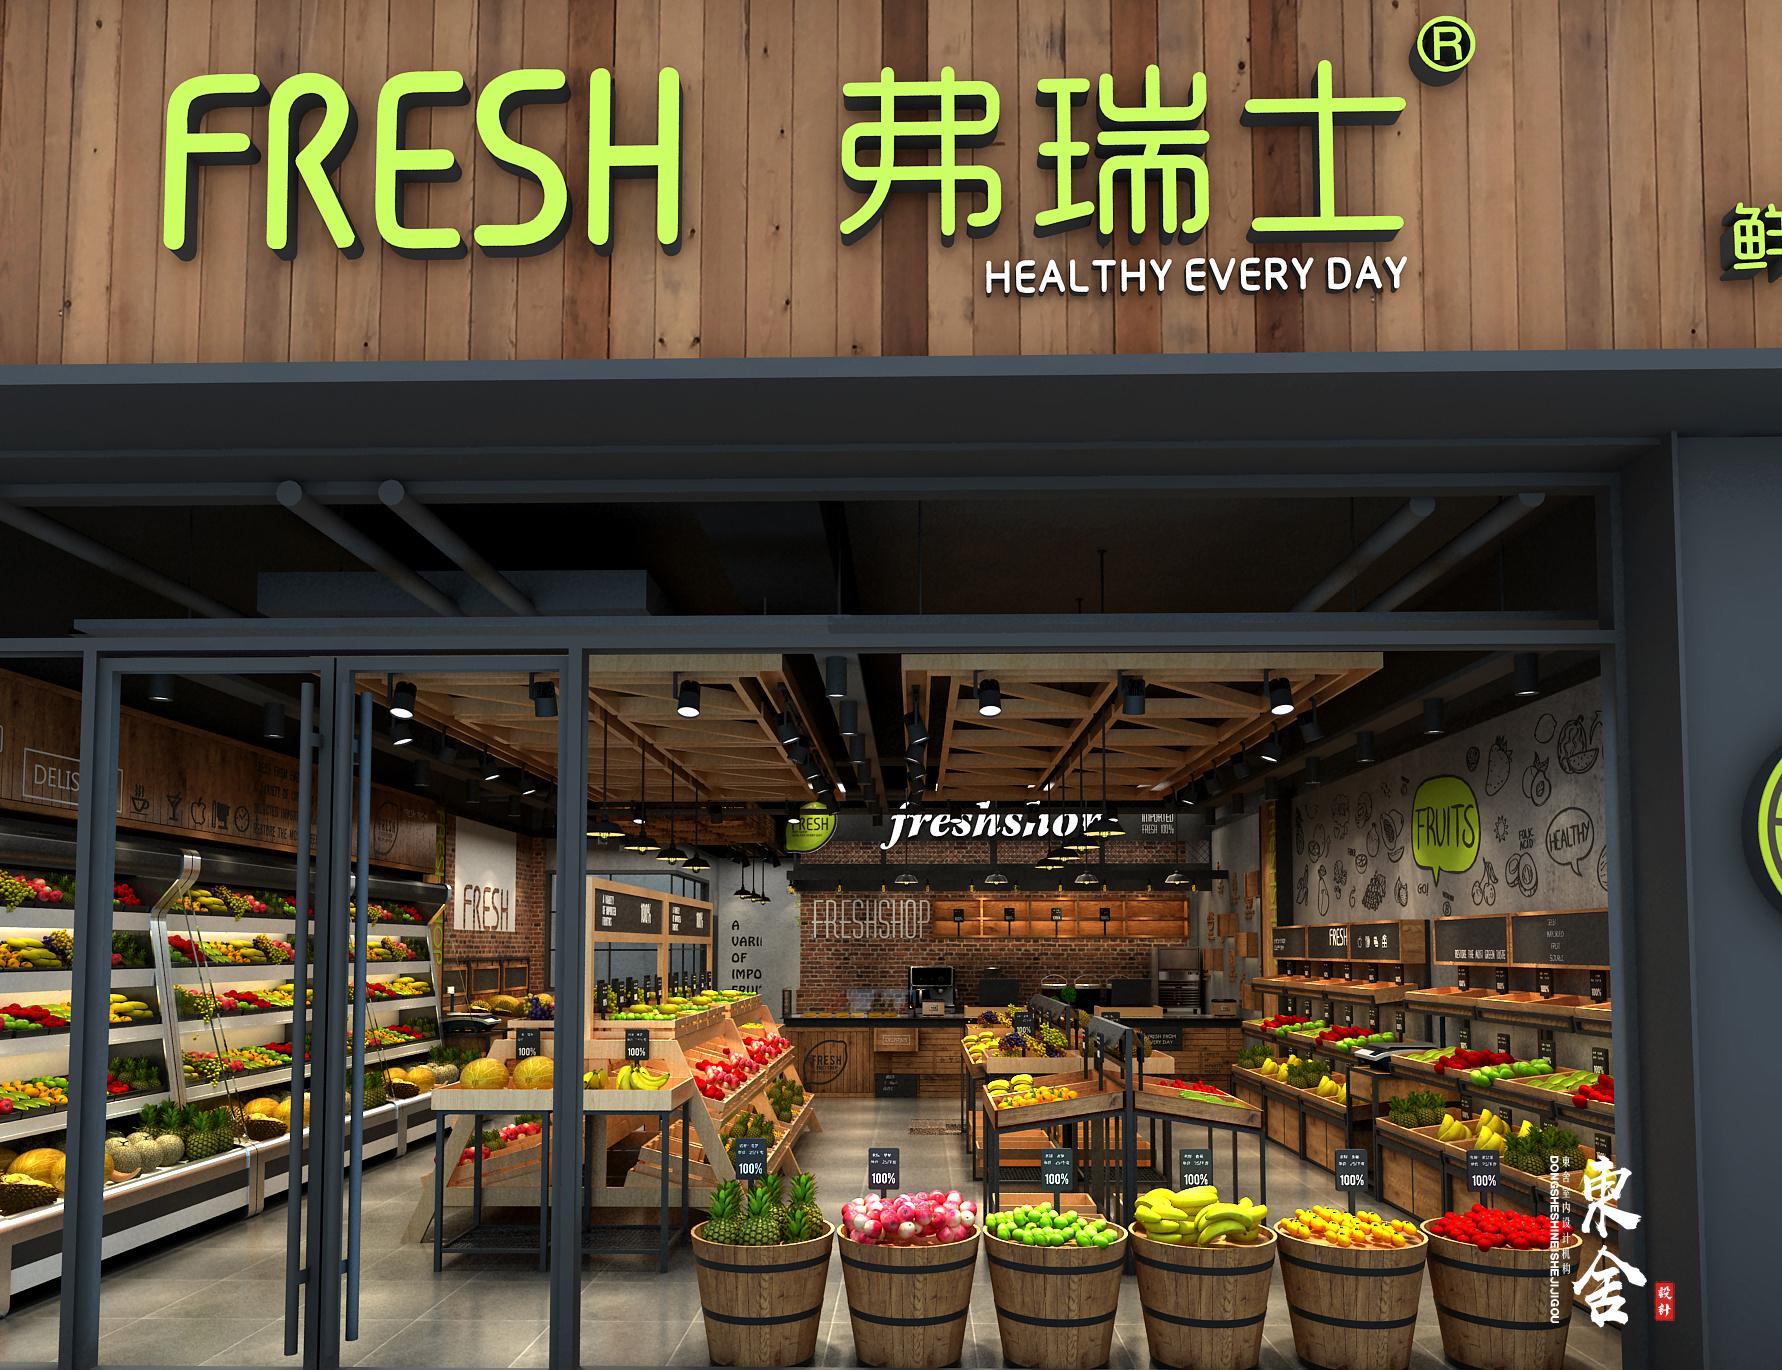 【东舍设计】水果店设计时蔬店设计超市设计装修设计室内设计